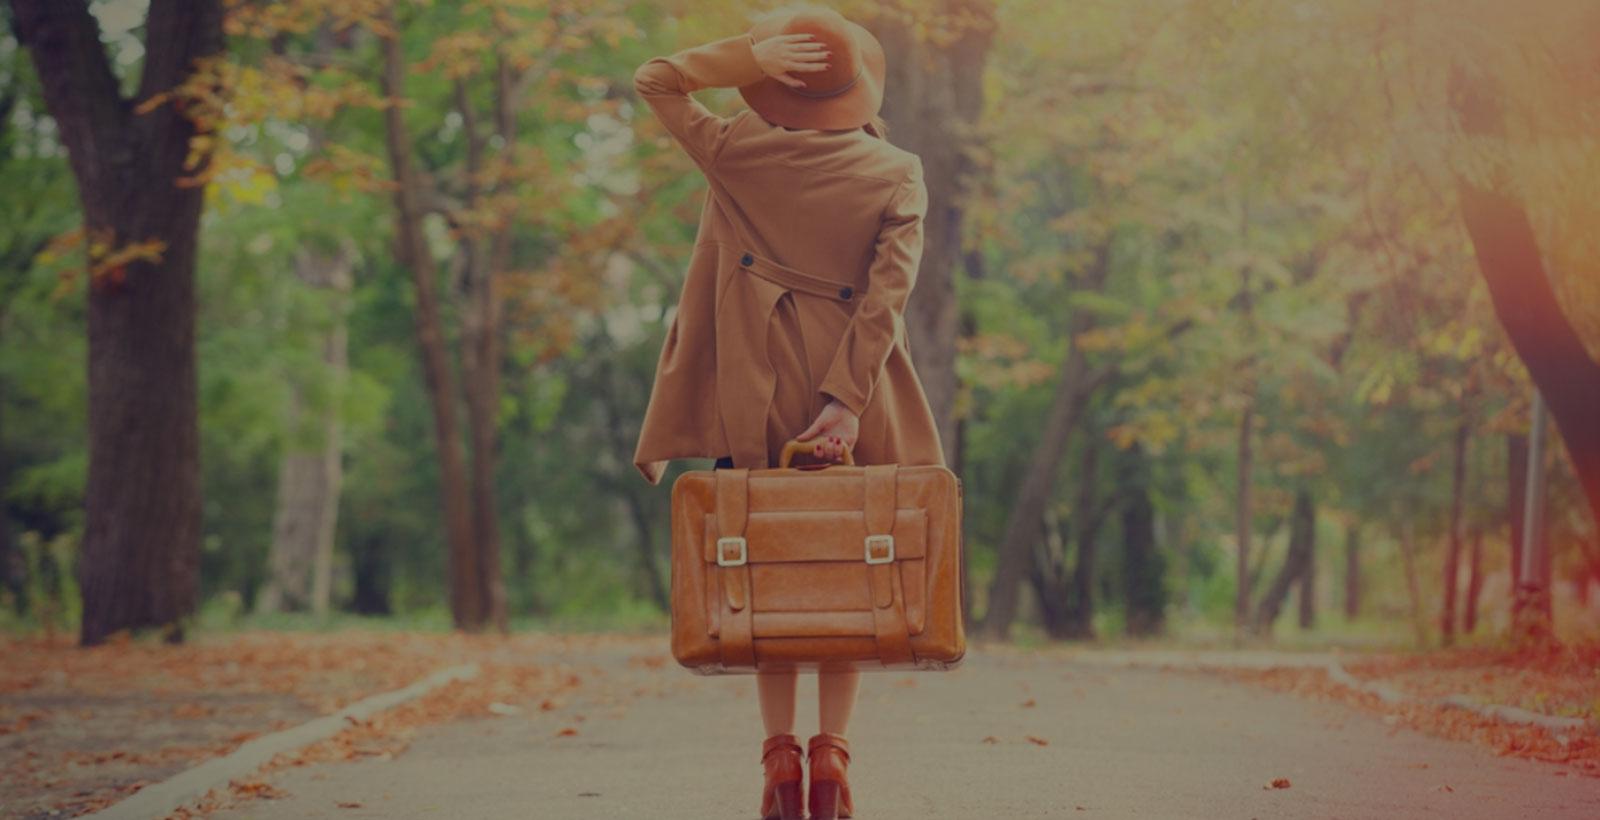 Жена в есенни дрехи държаща куфар в парк